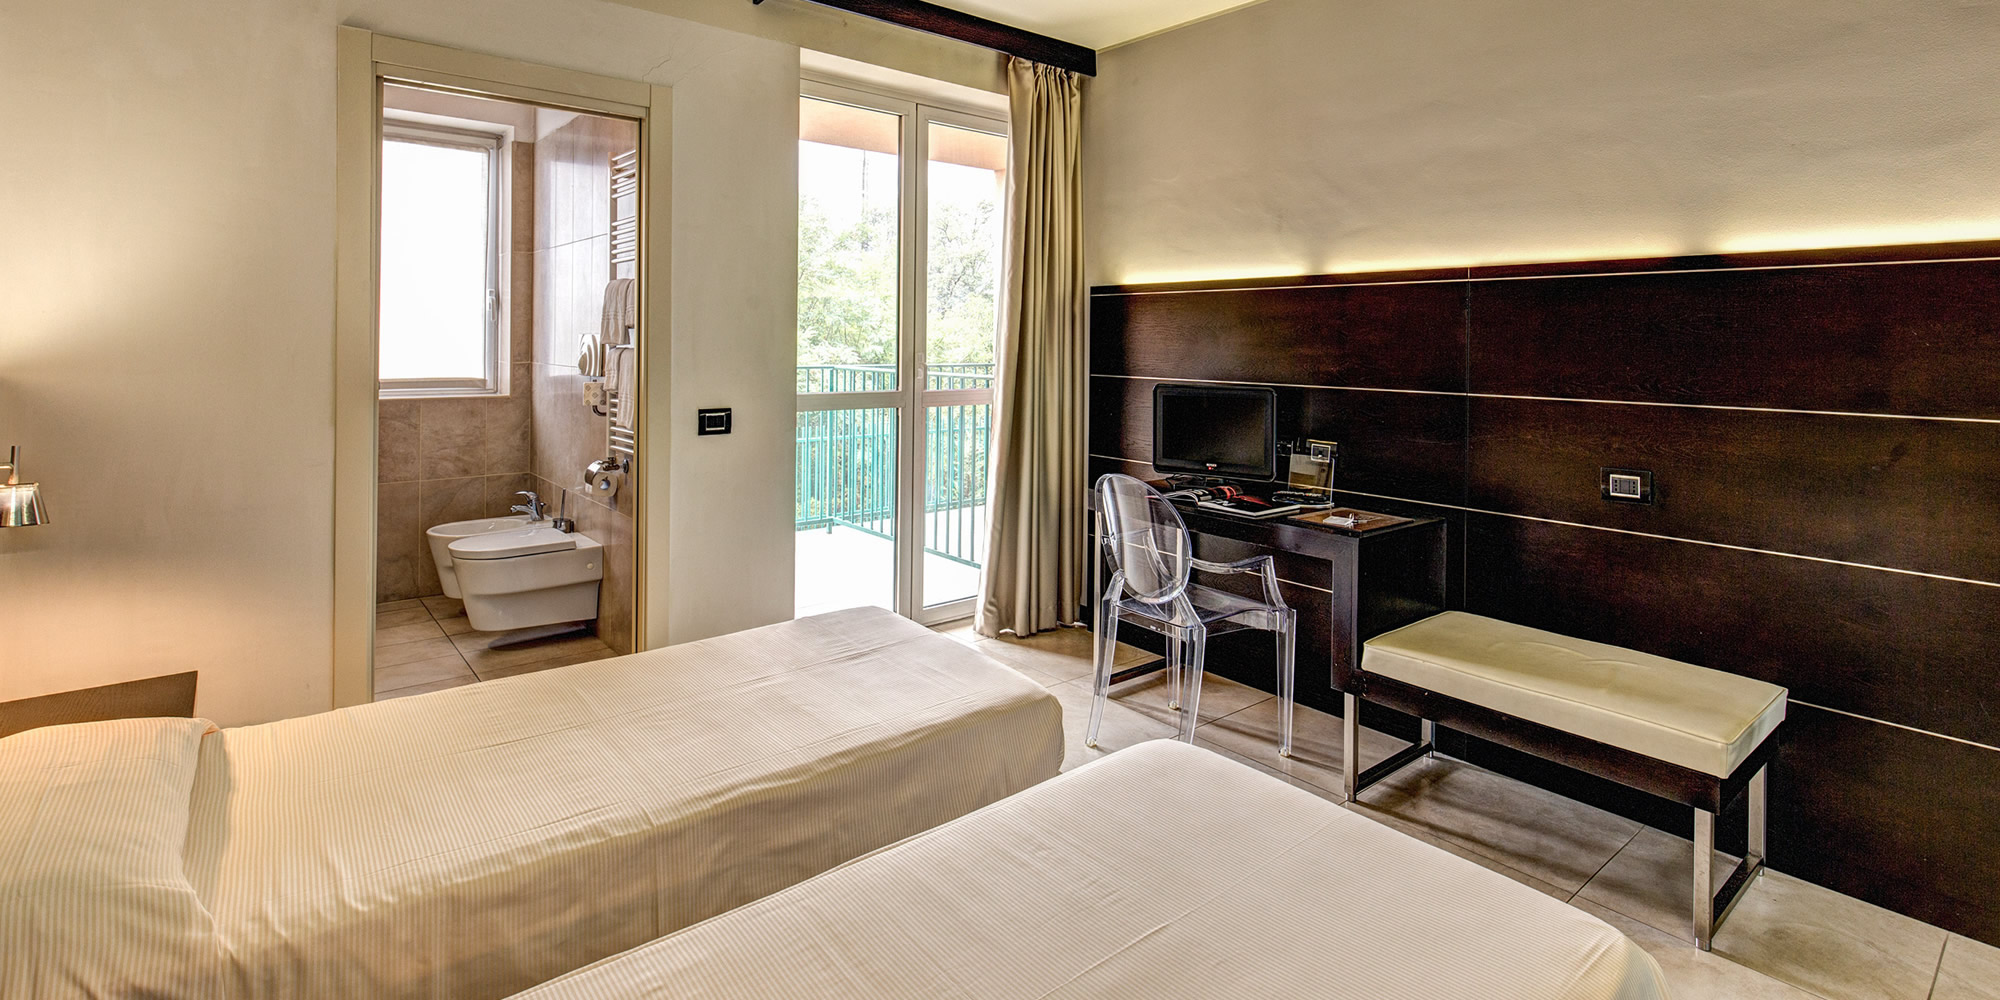 Hotel Fiera Milano Luxury Rooms In Rho